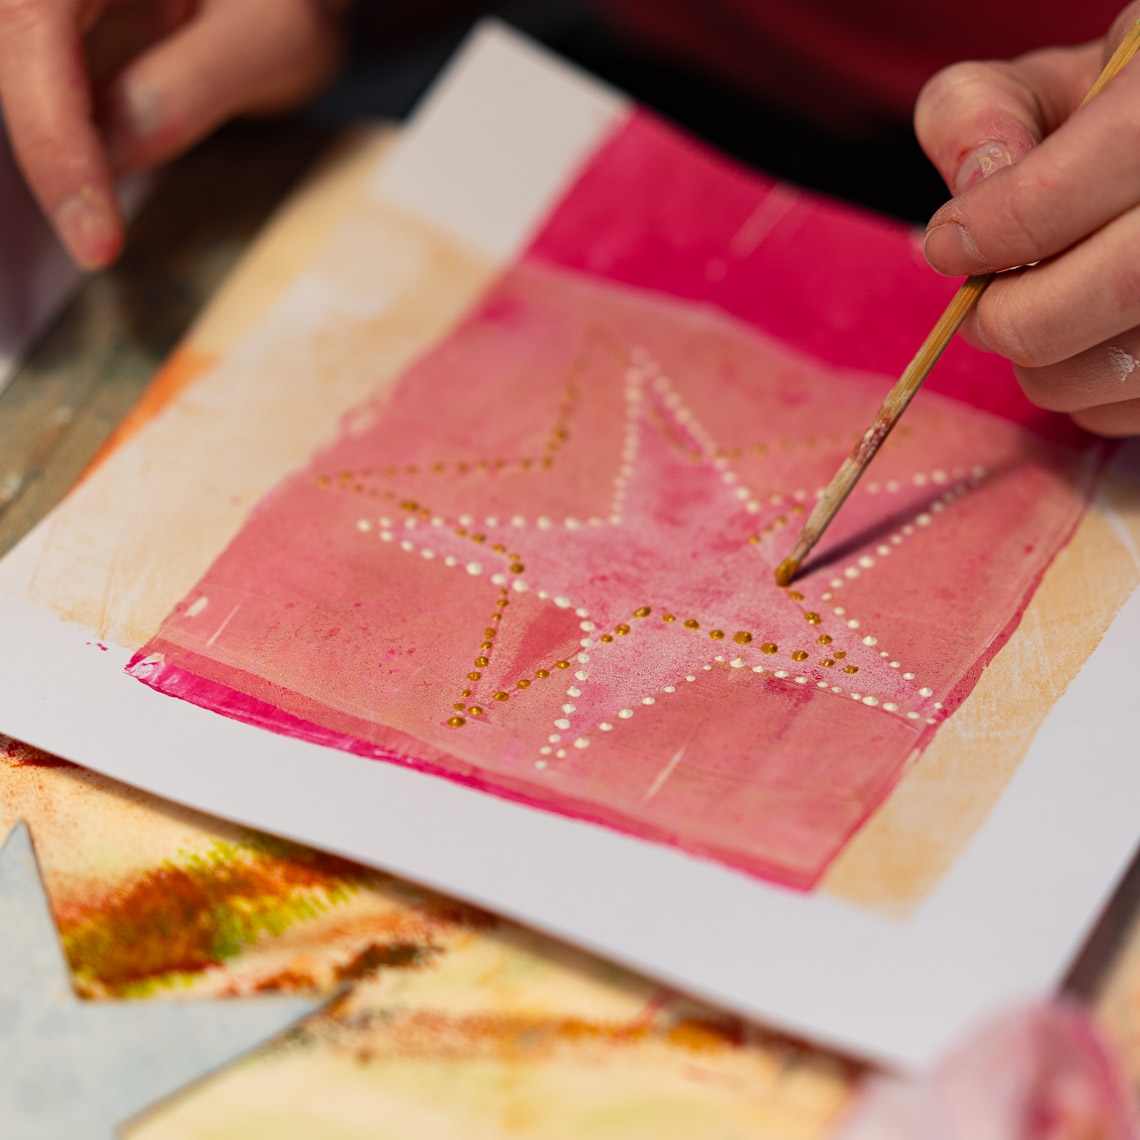 Workshop Malkurs Vielschichtig Impressionen Gelatinedruck